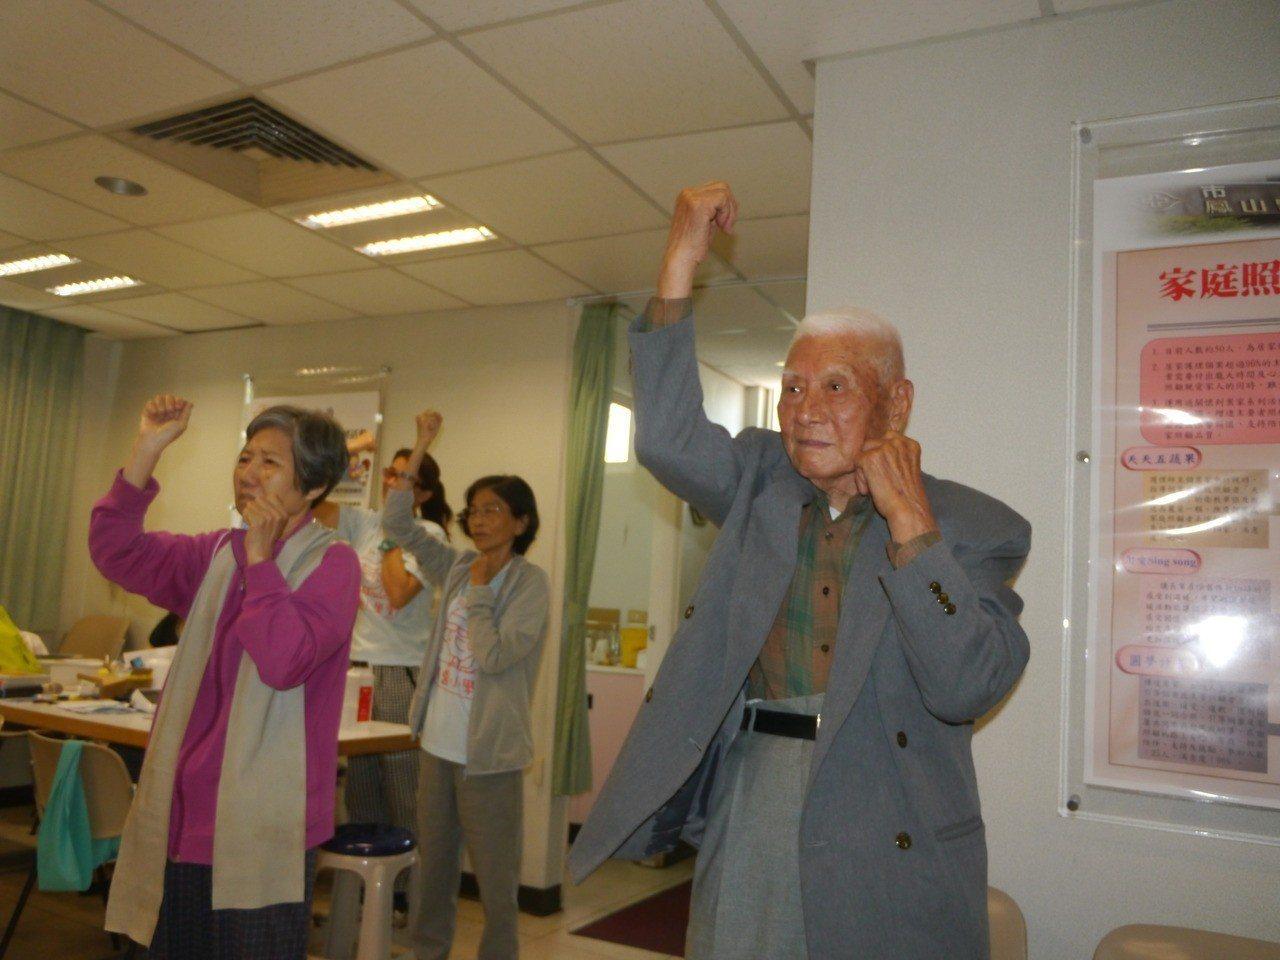 「鳳醫小學堂」安排健身操課程,訓練長者增強肌力。記者徐白櫻/攝影